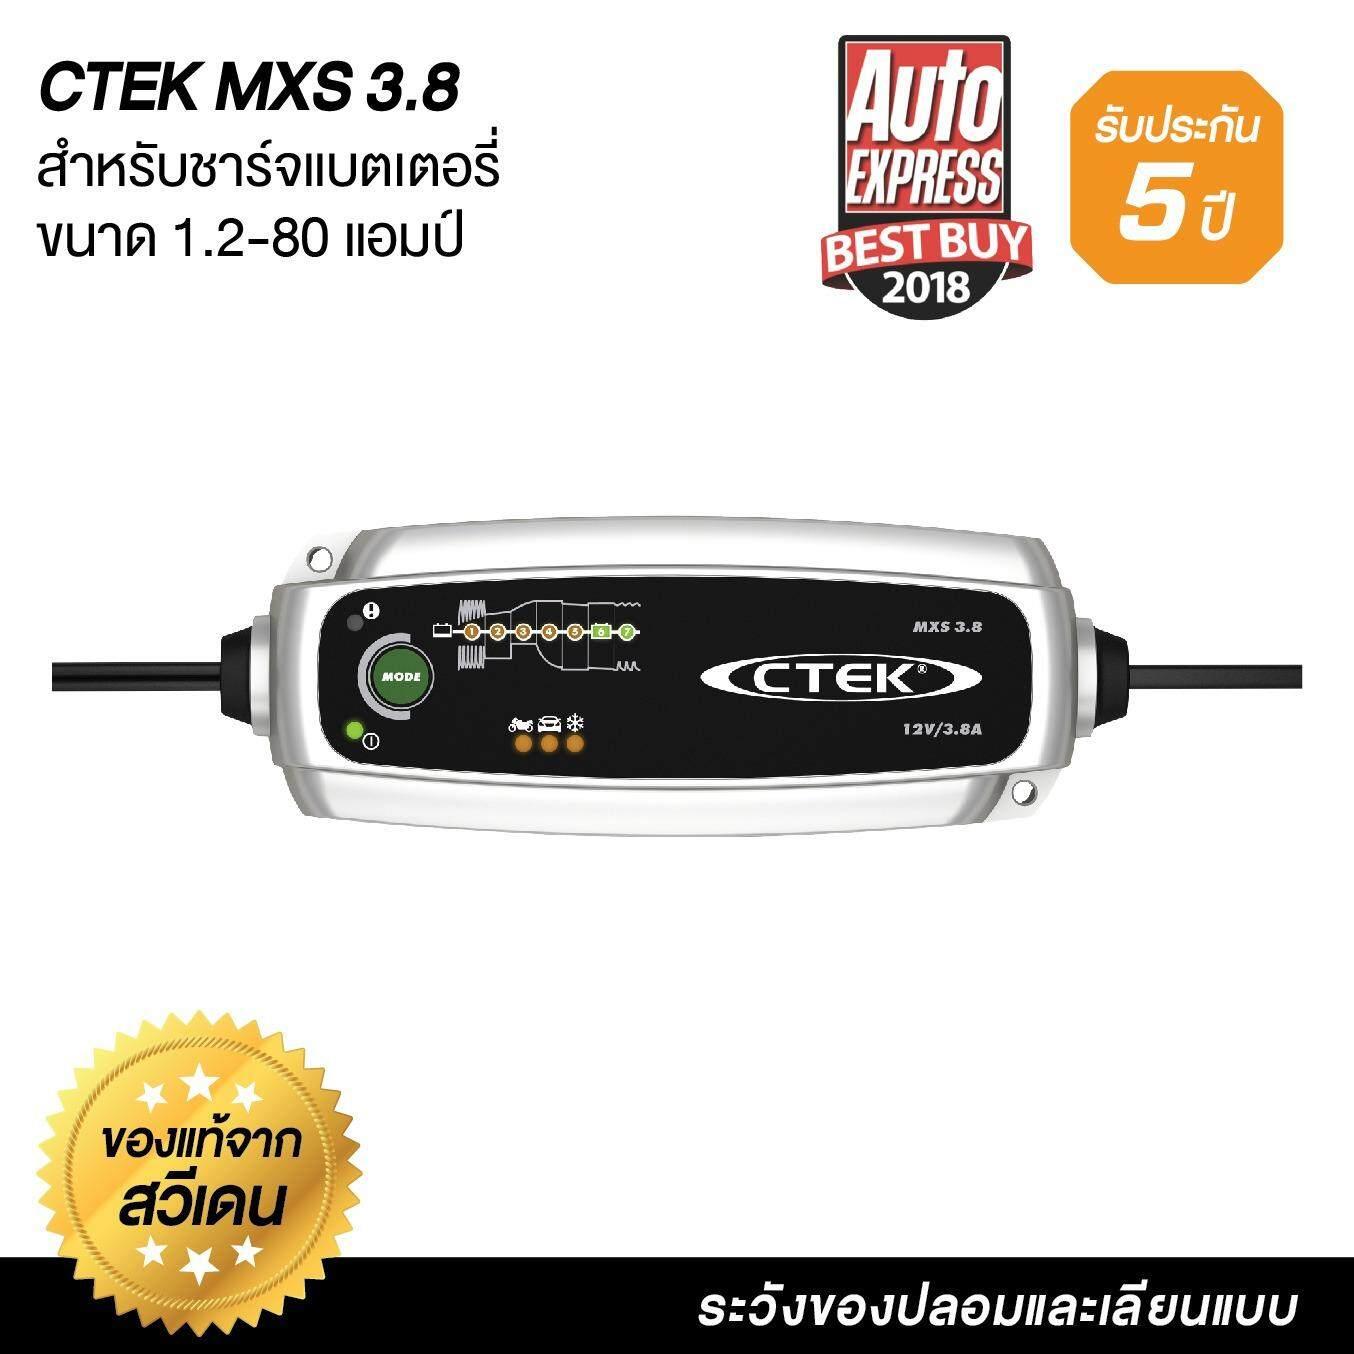 ซื้อ Ctek เครื่องชาร์จแบตเตอรี่อัจฉริยะ รุ่น Mxs 3 8 Ctek เป็นต้นฉบับ